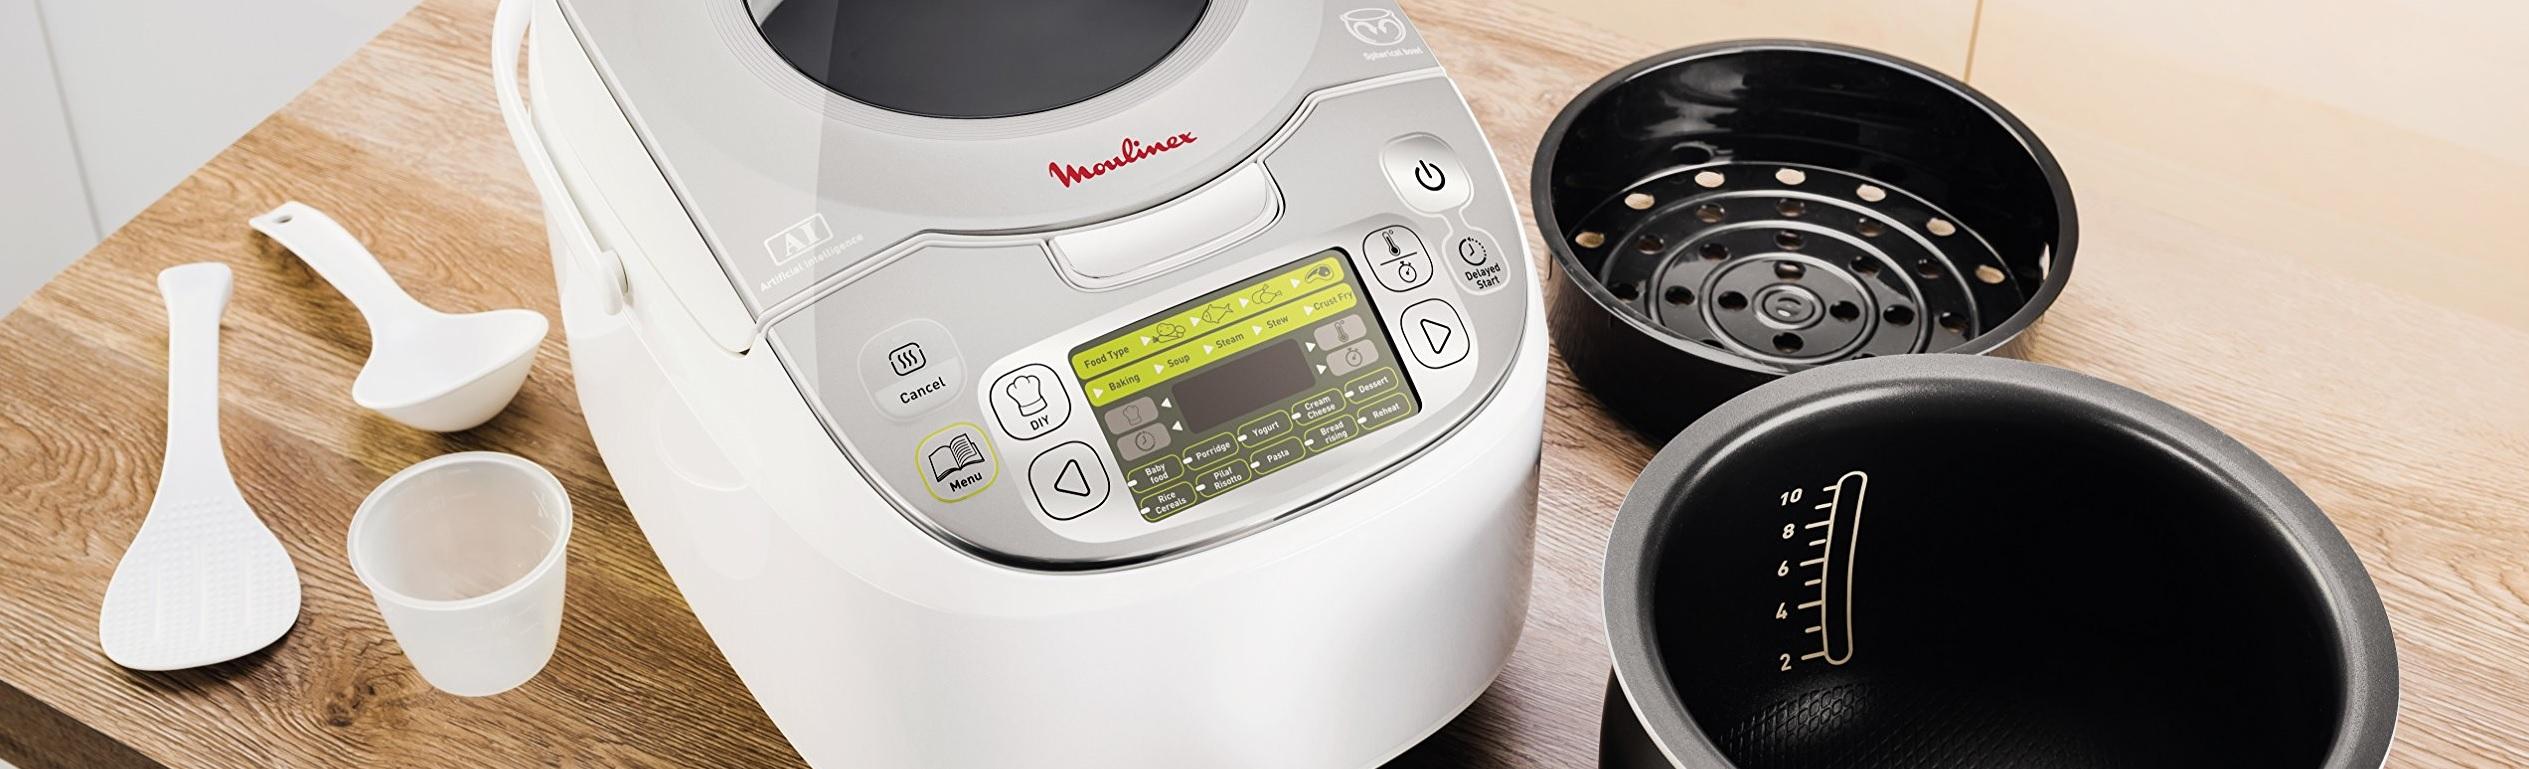 Recetas de cocina faciles con el Robot Multichef Advanced de Moulinex